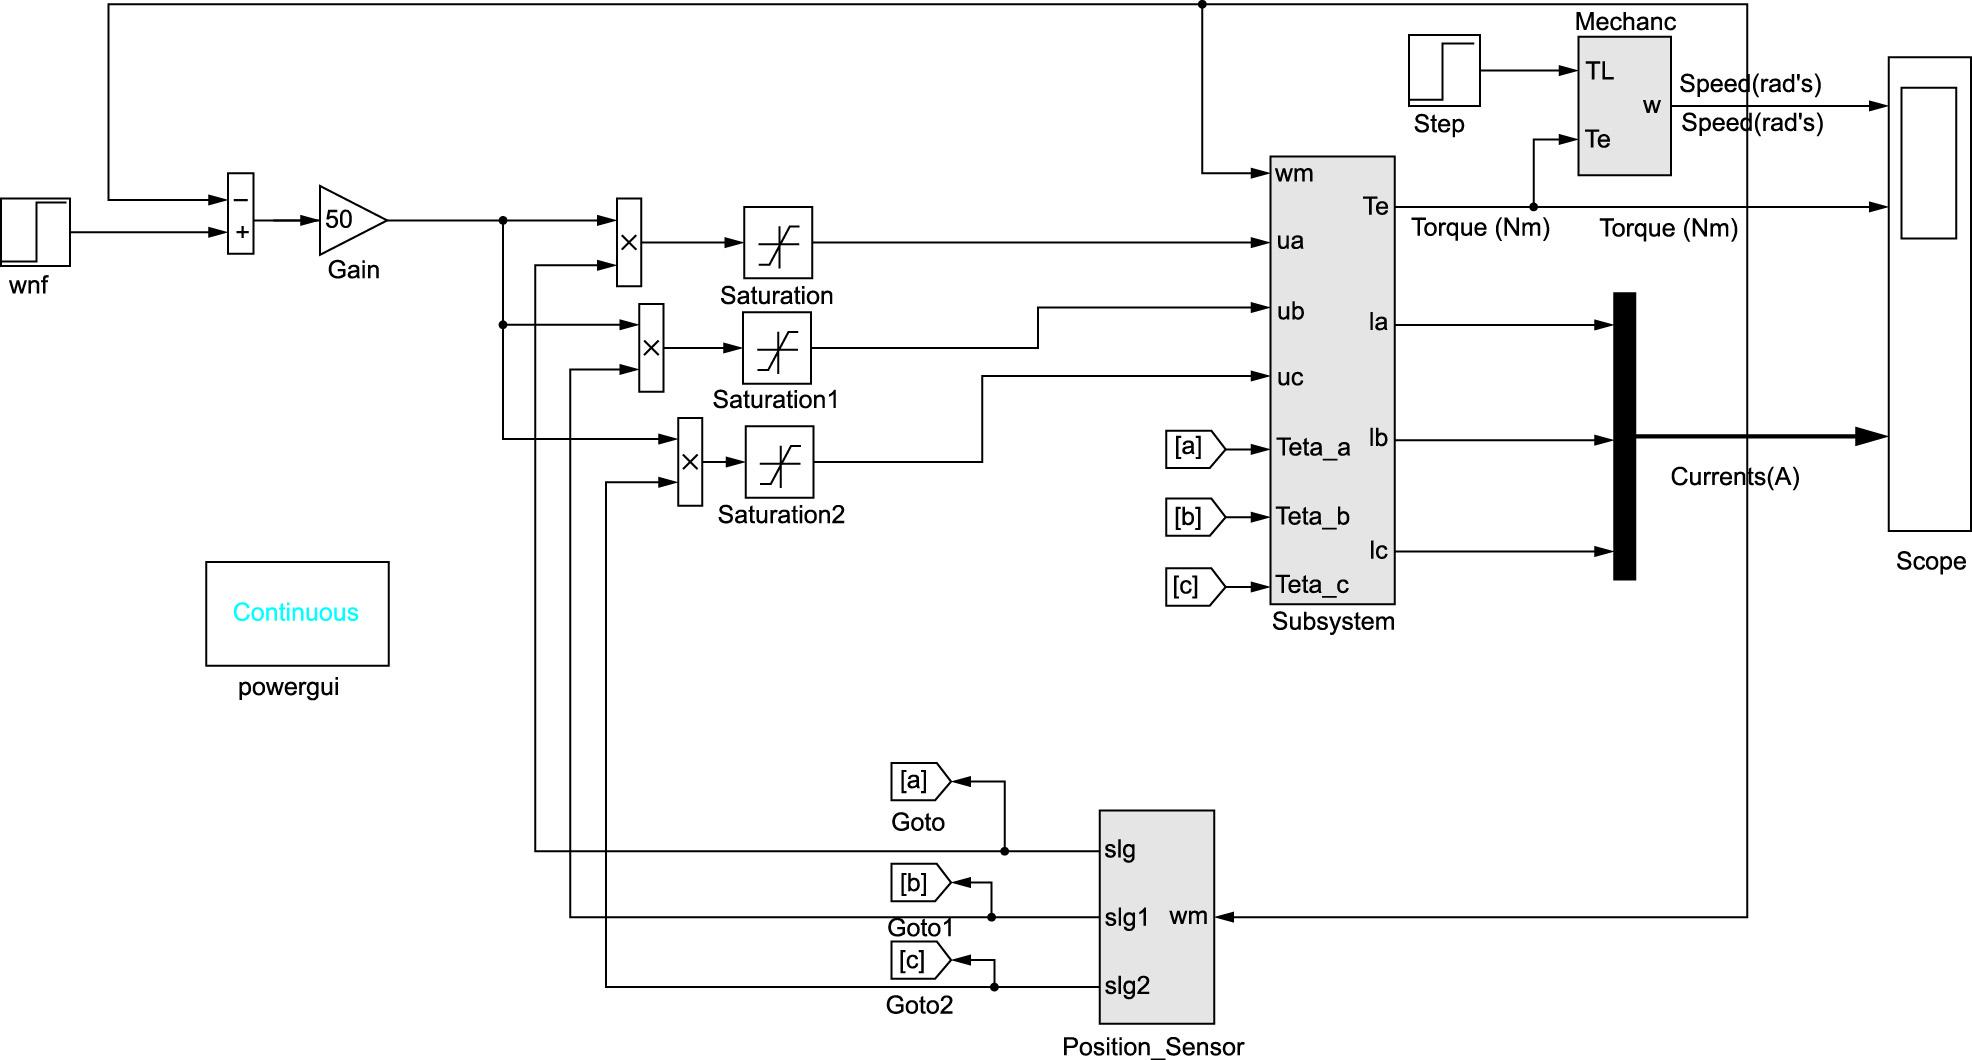 Модель электропривода при управлении БДПТ от источника тока